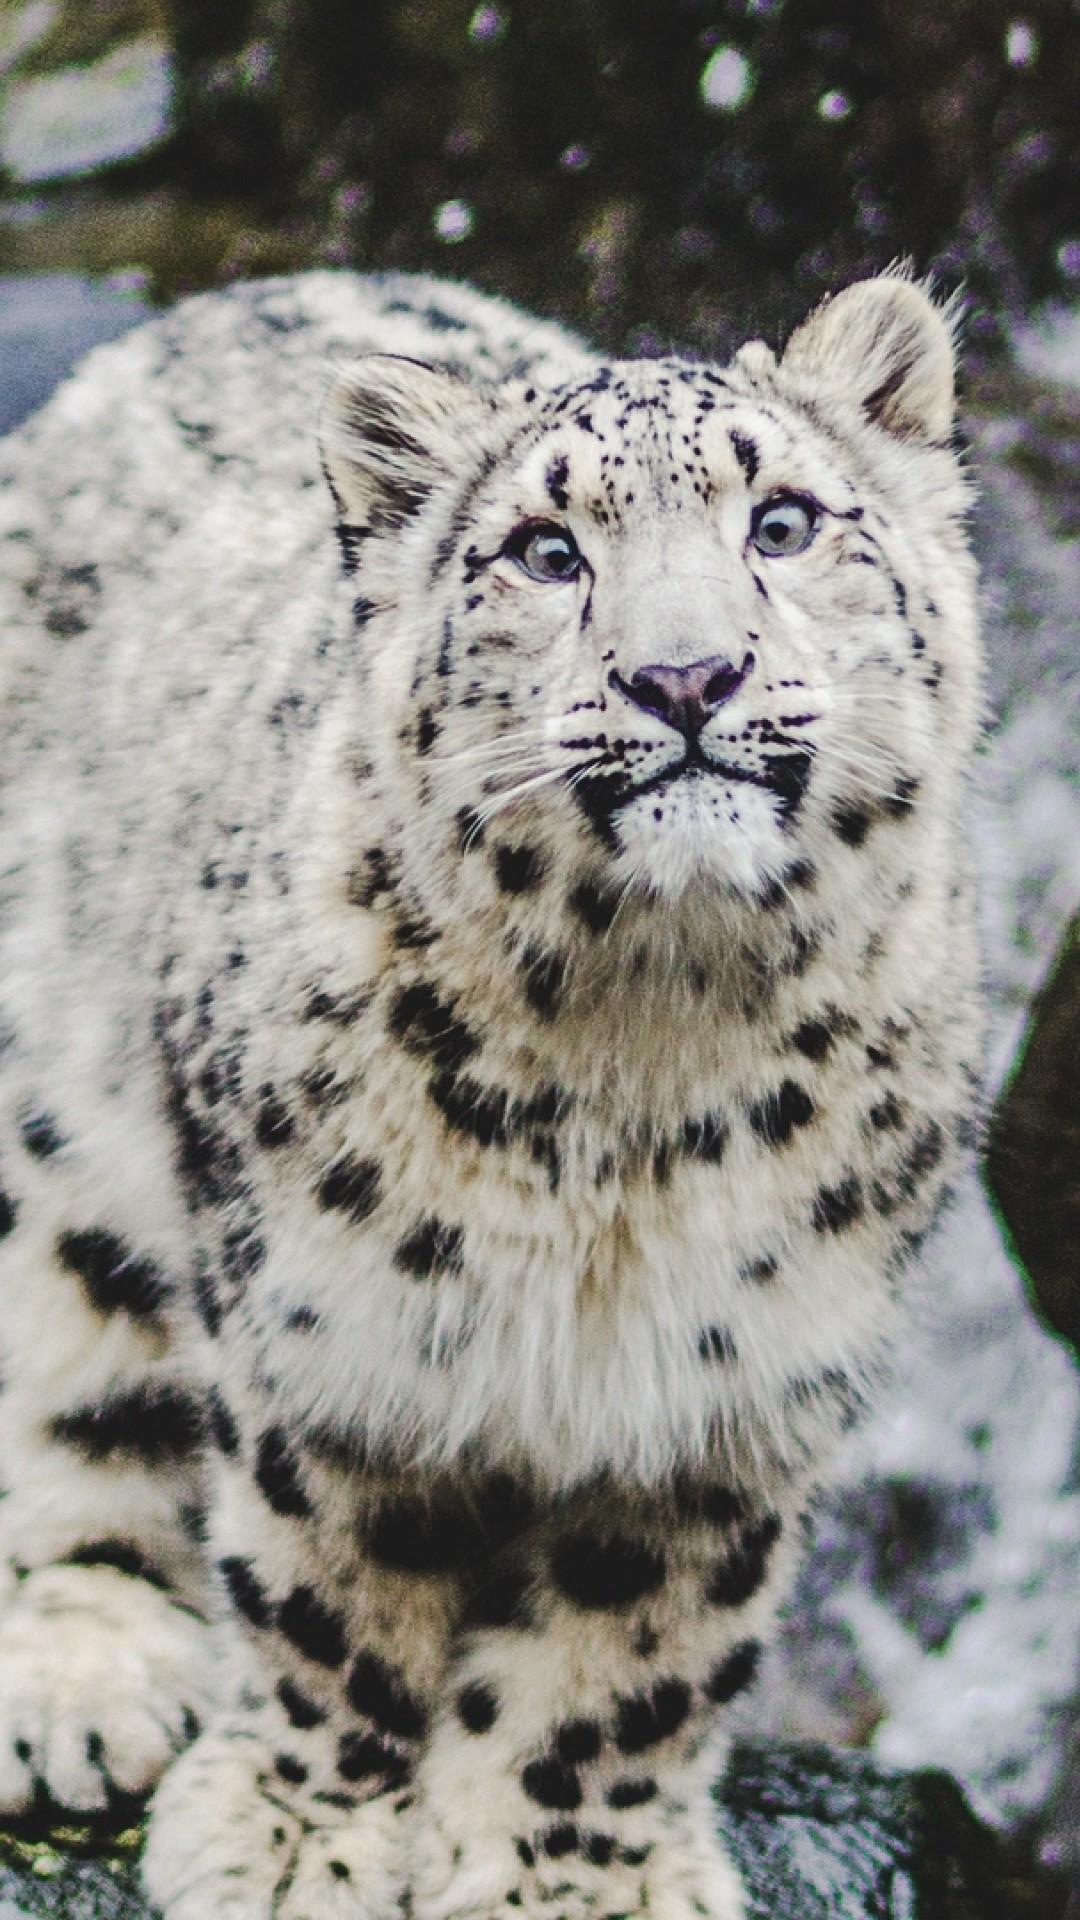 Snow Leopard 1080x1920 Wallpaper Teahub Io